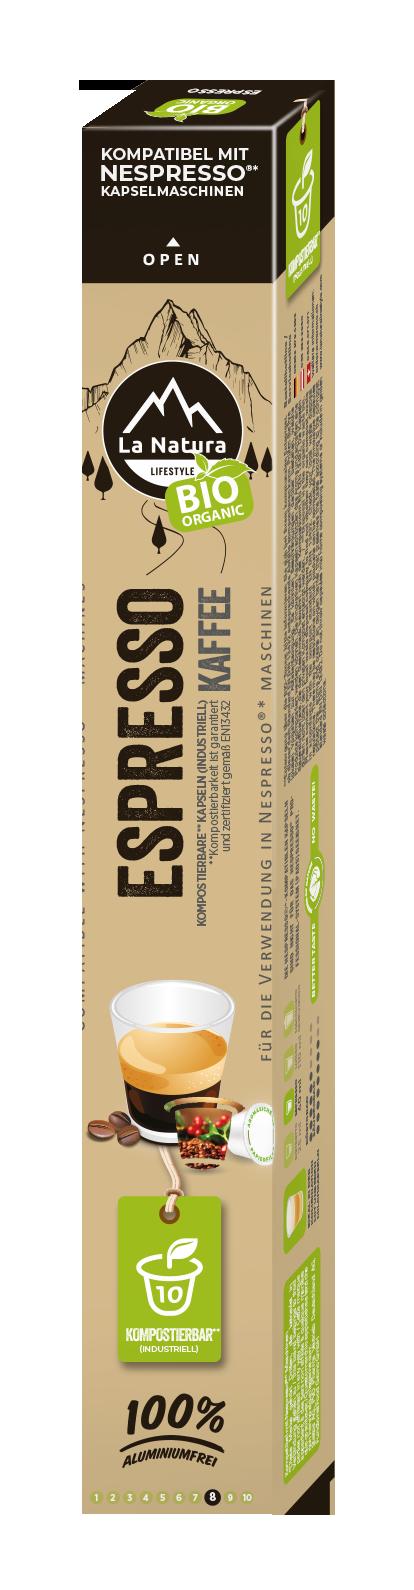 Bio Kaffee Kapseln